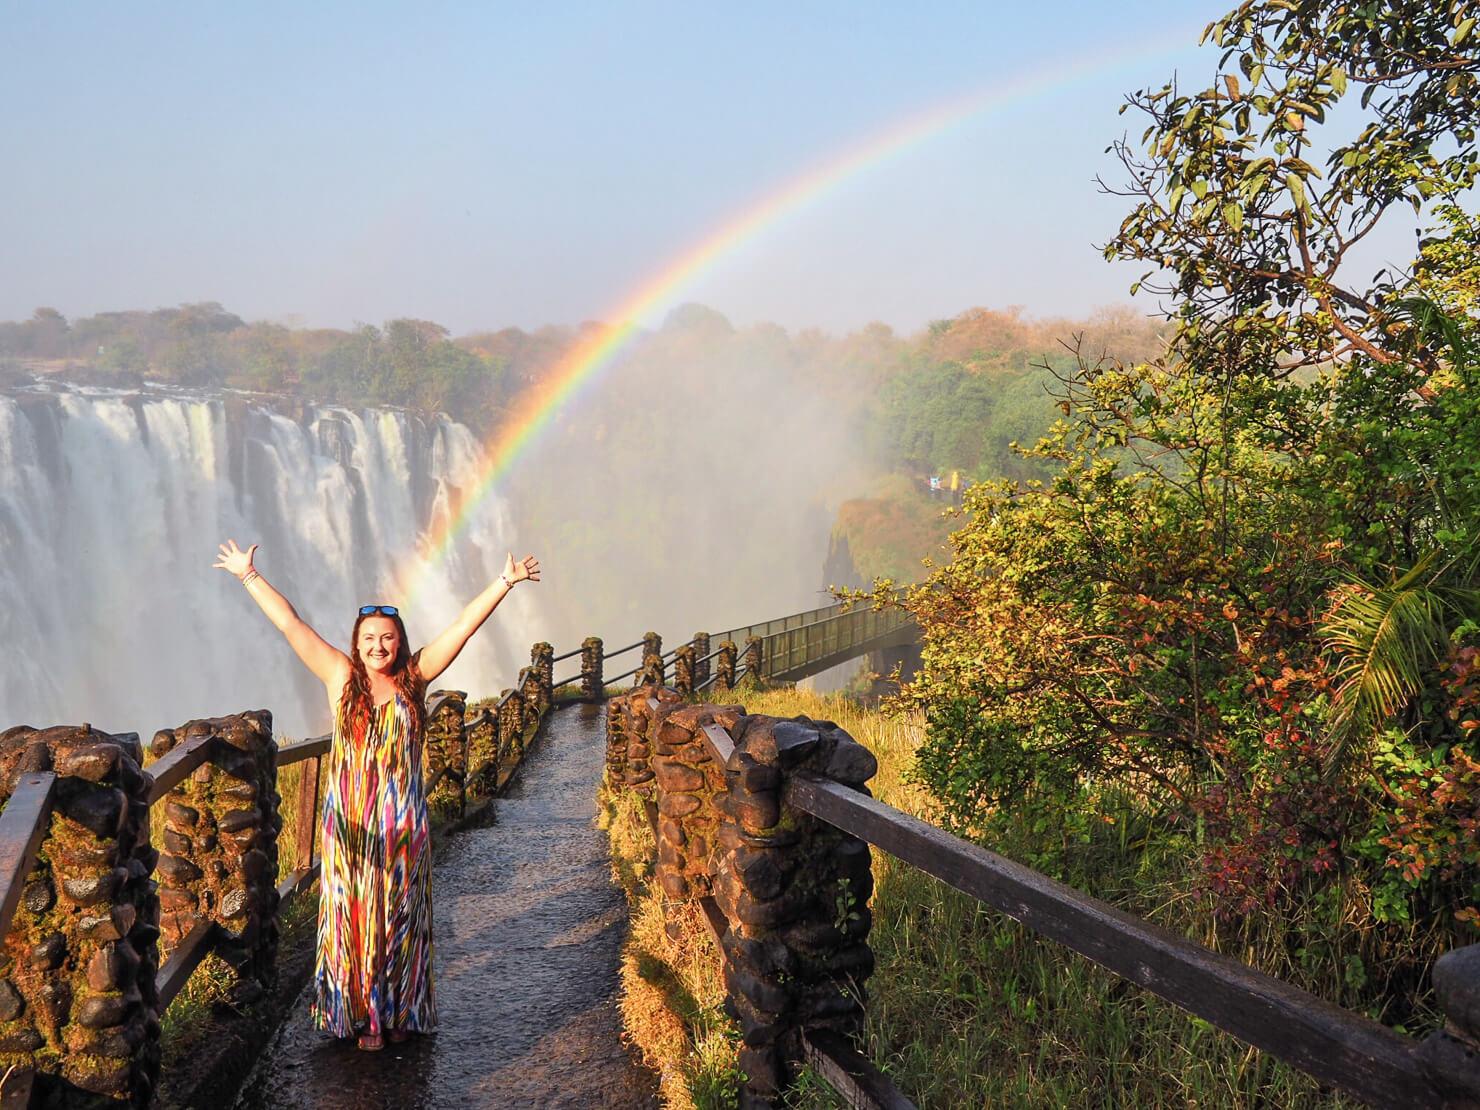 Victoria Falls Rainbow on the Knife Edge Bridge